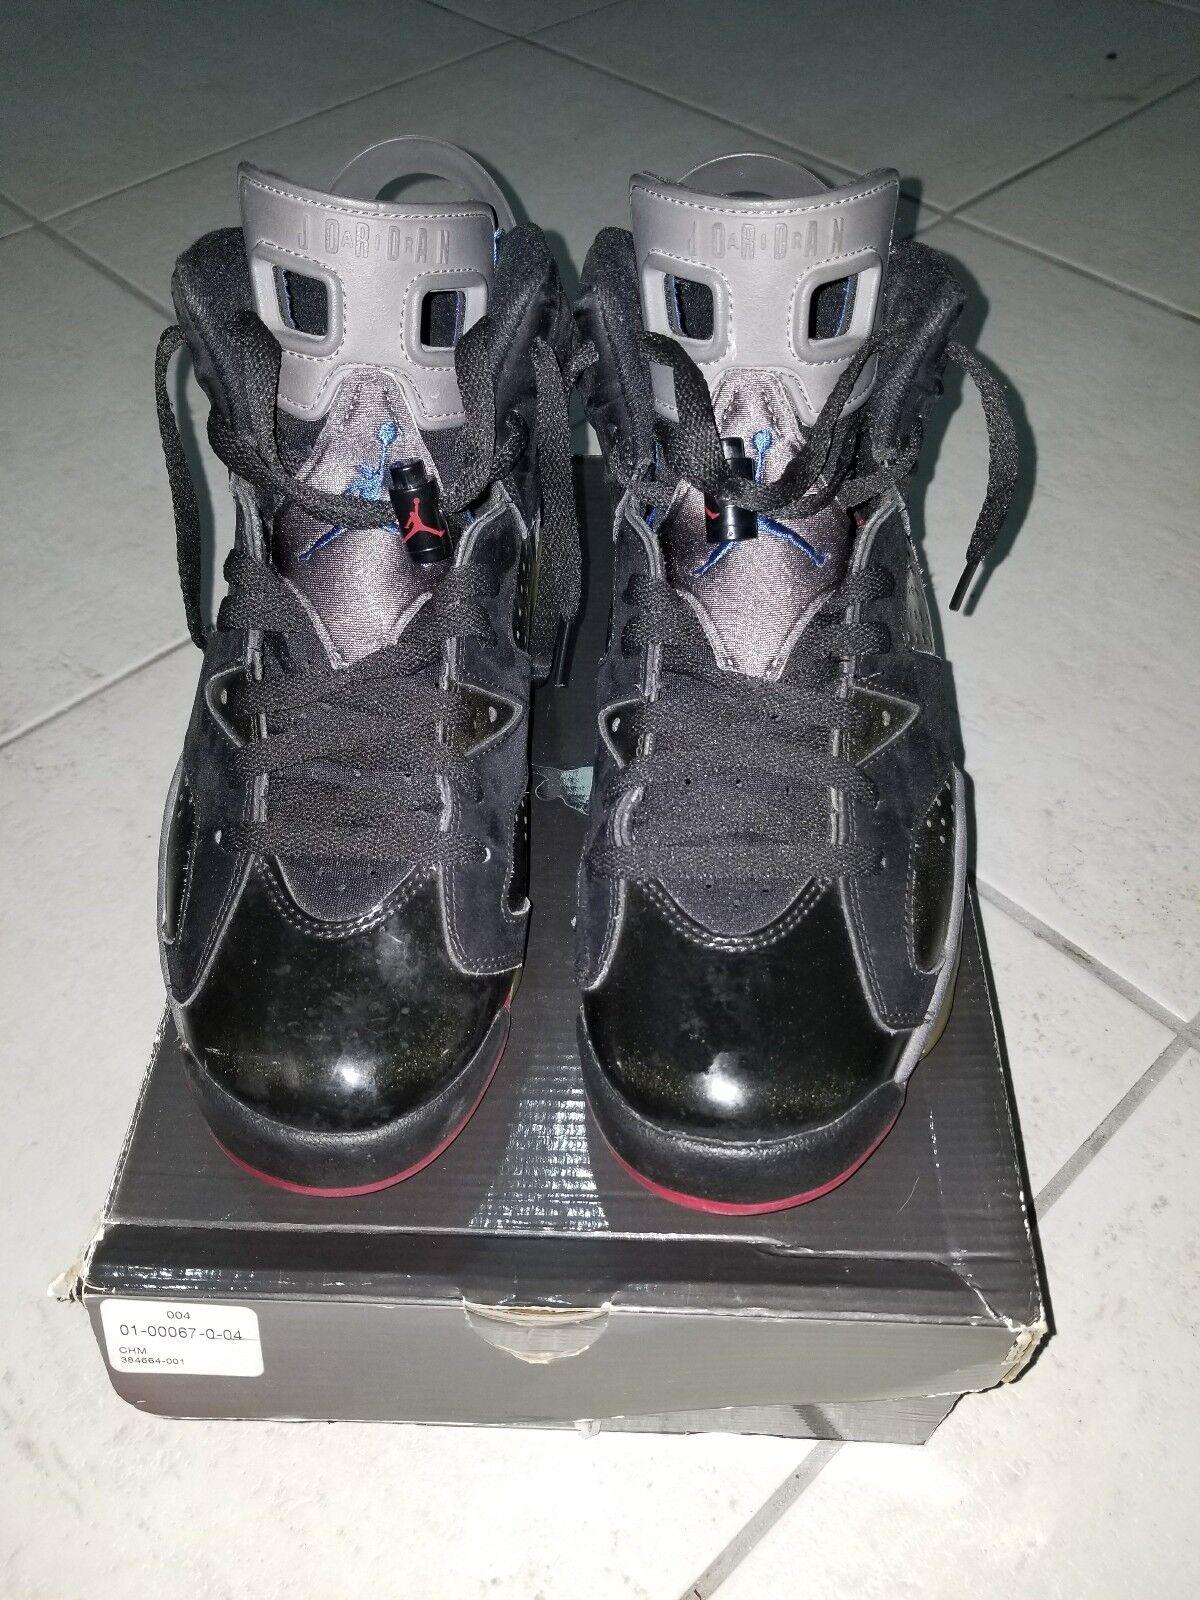 nike air jordan vi 6 retro - schwarz licht / rot - blaue licht schwarz graphit kolben sz 8,5 29aeea